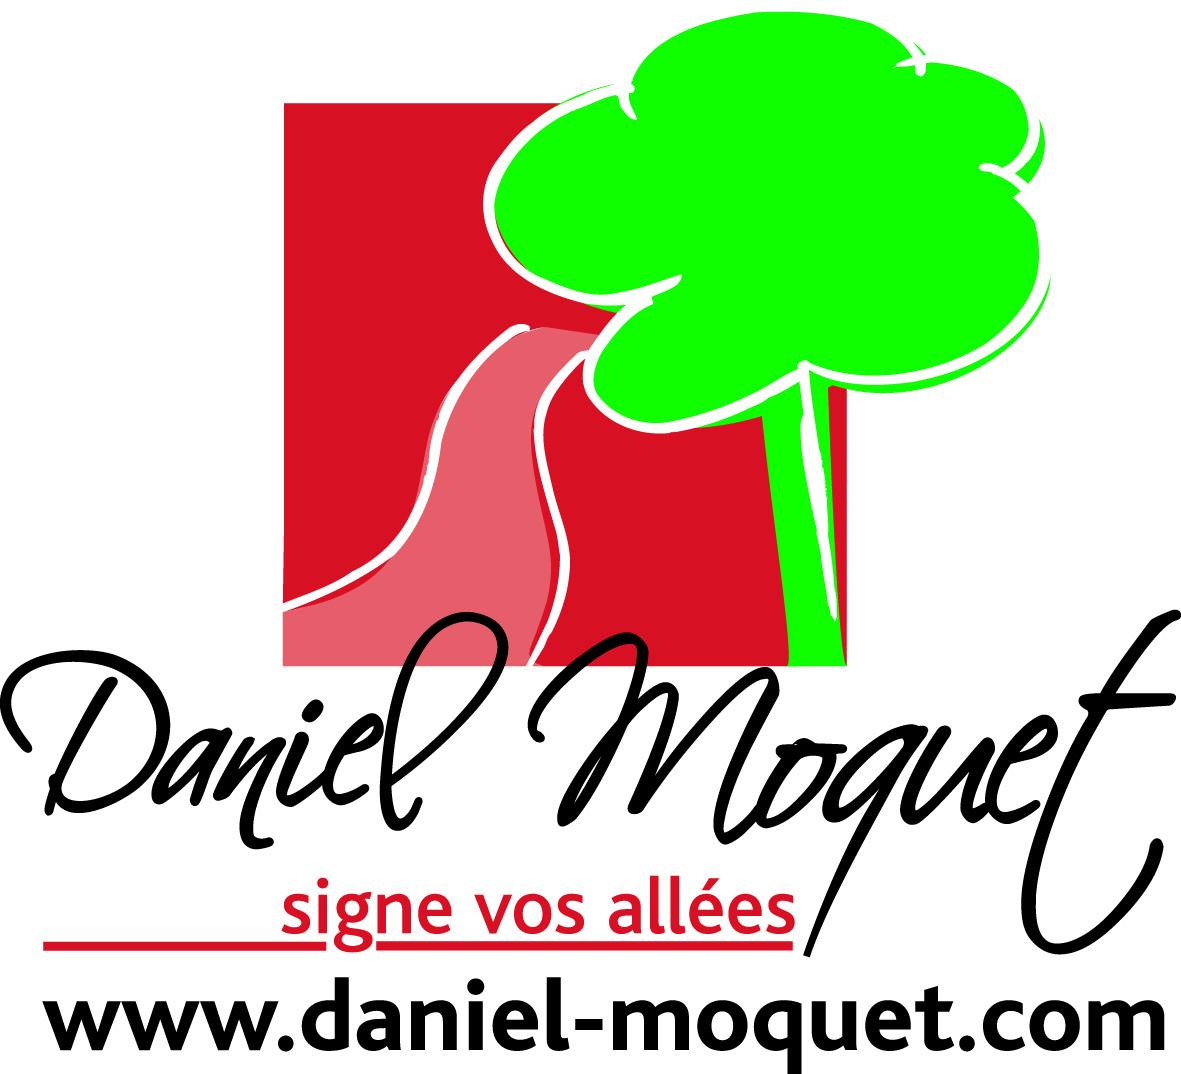 Daniel Moquet signe vos allées - Ent. Timstit